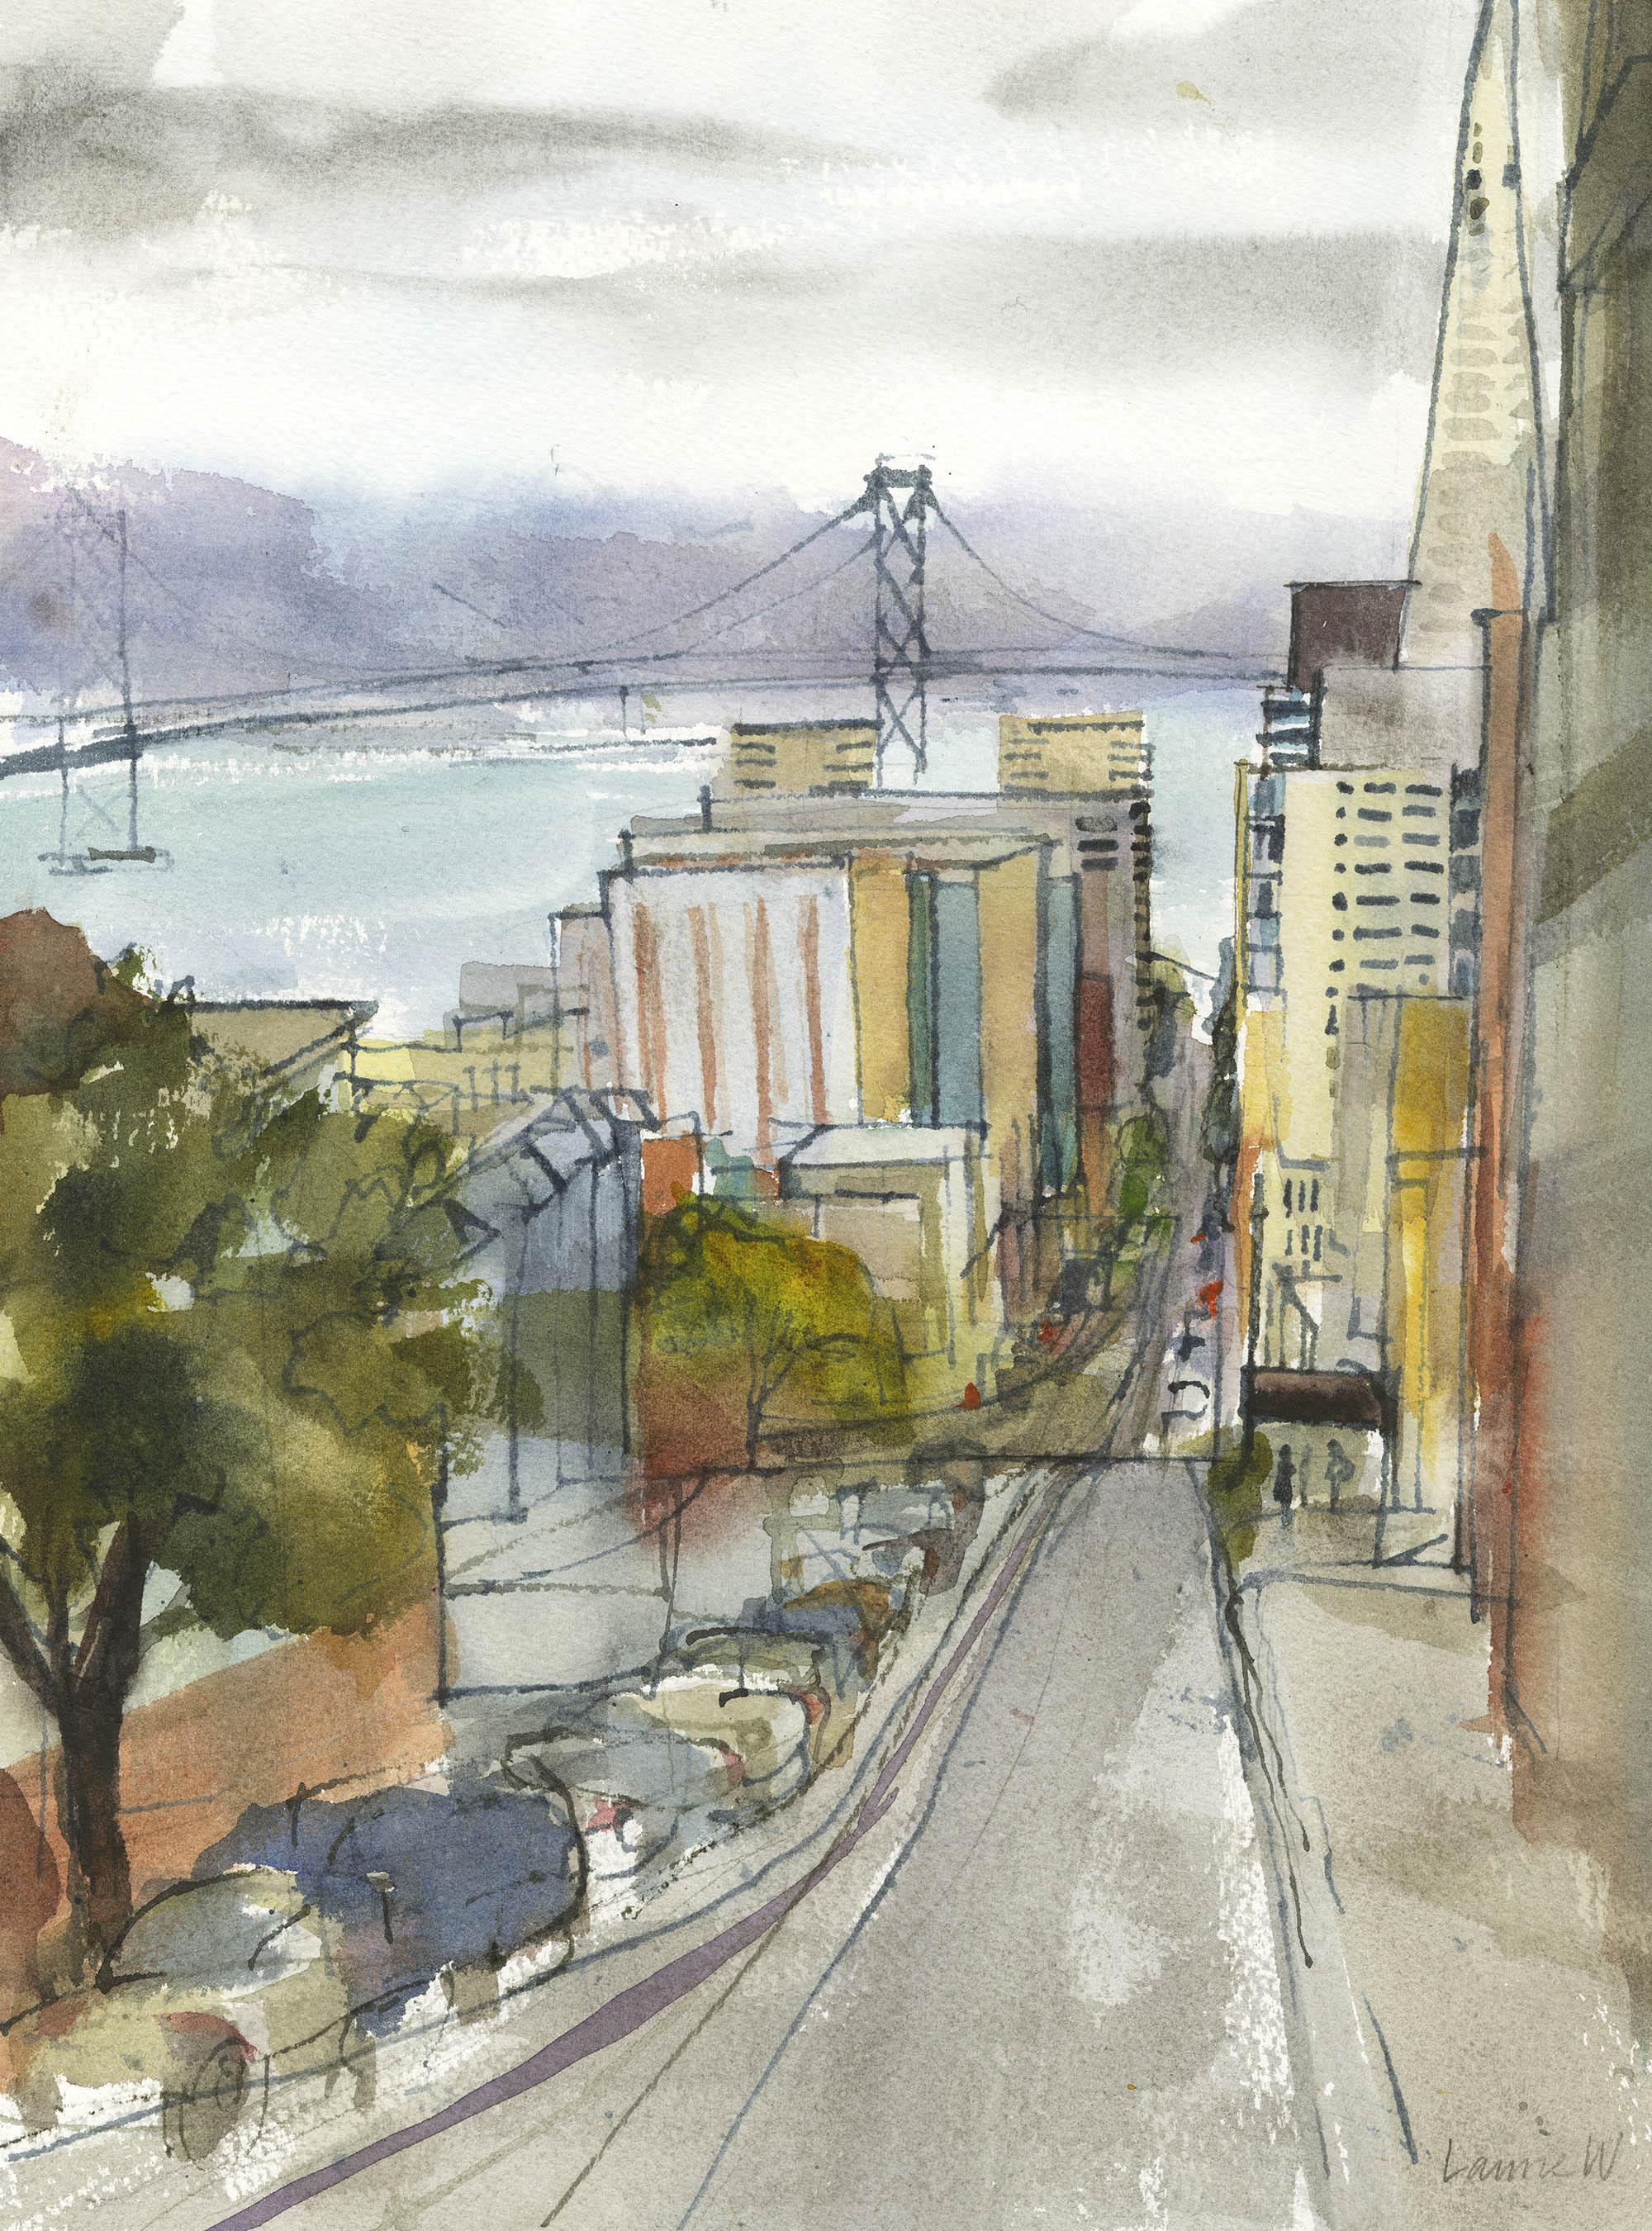 Washington Street Looking East